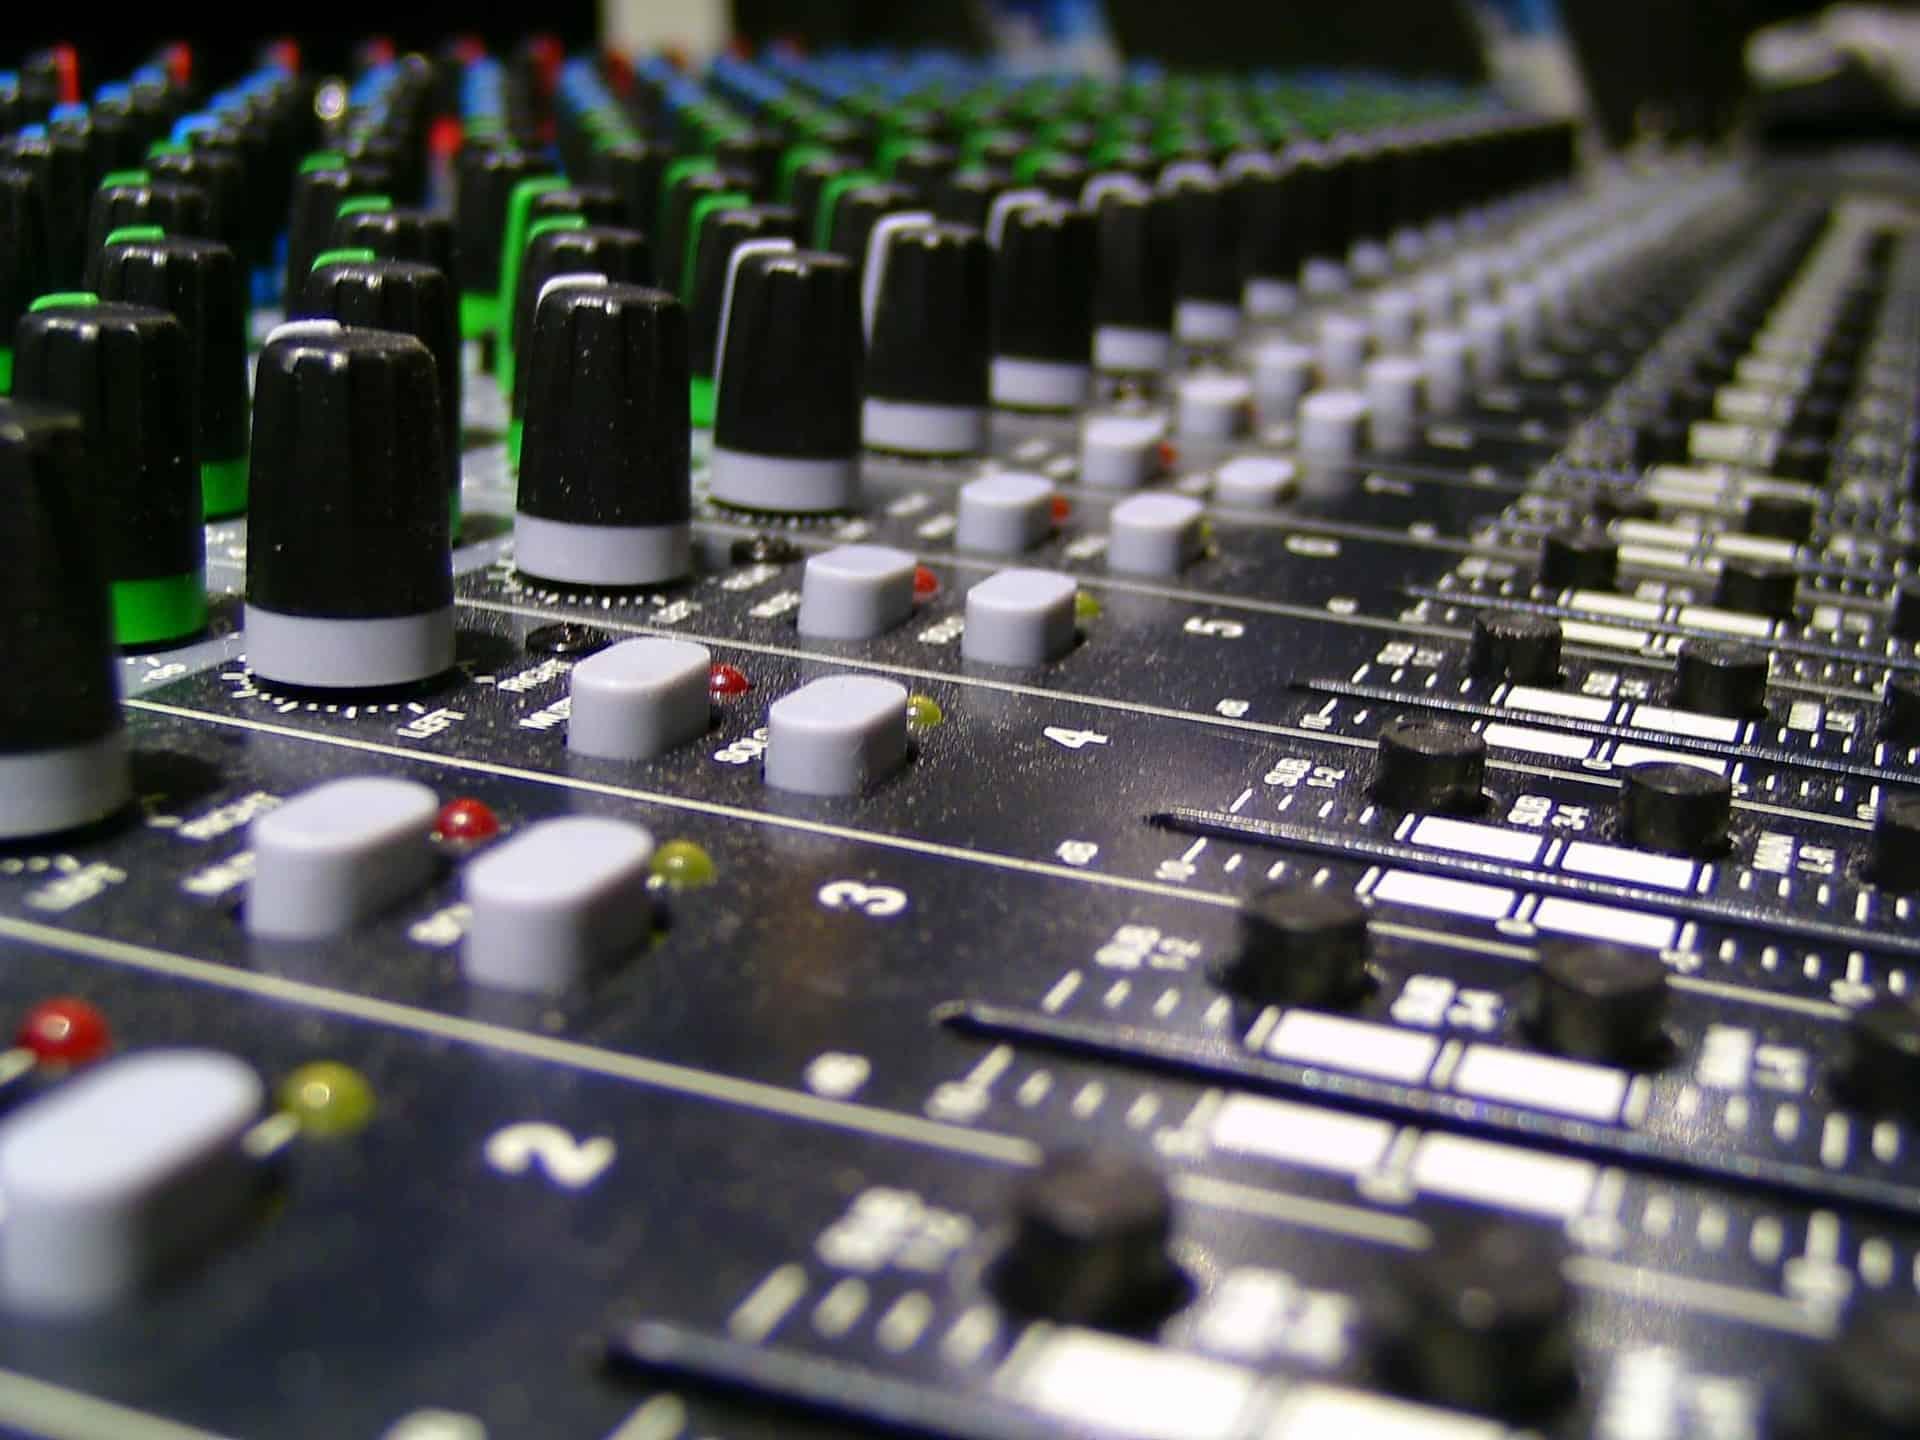 Imagem mostra em close botões de uma mesa de som.